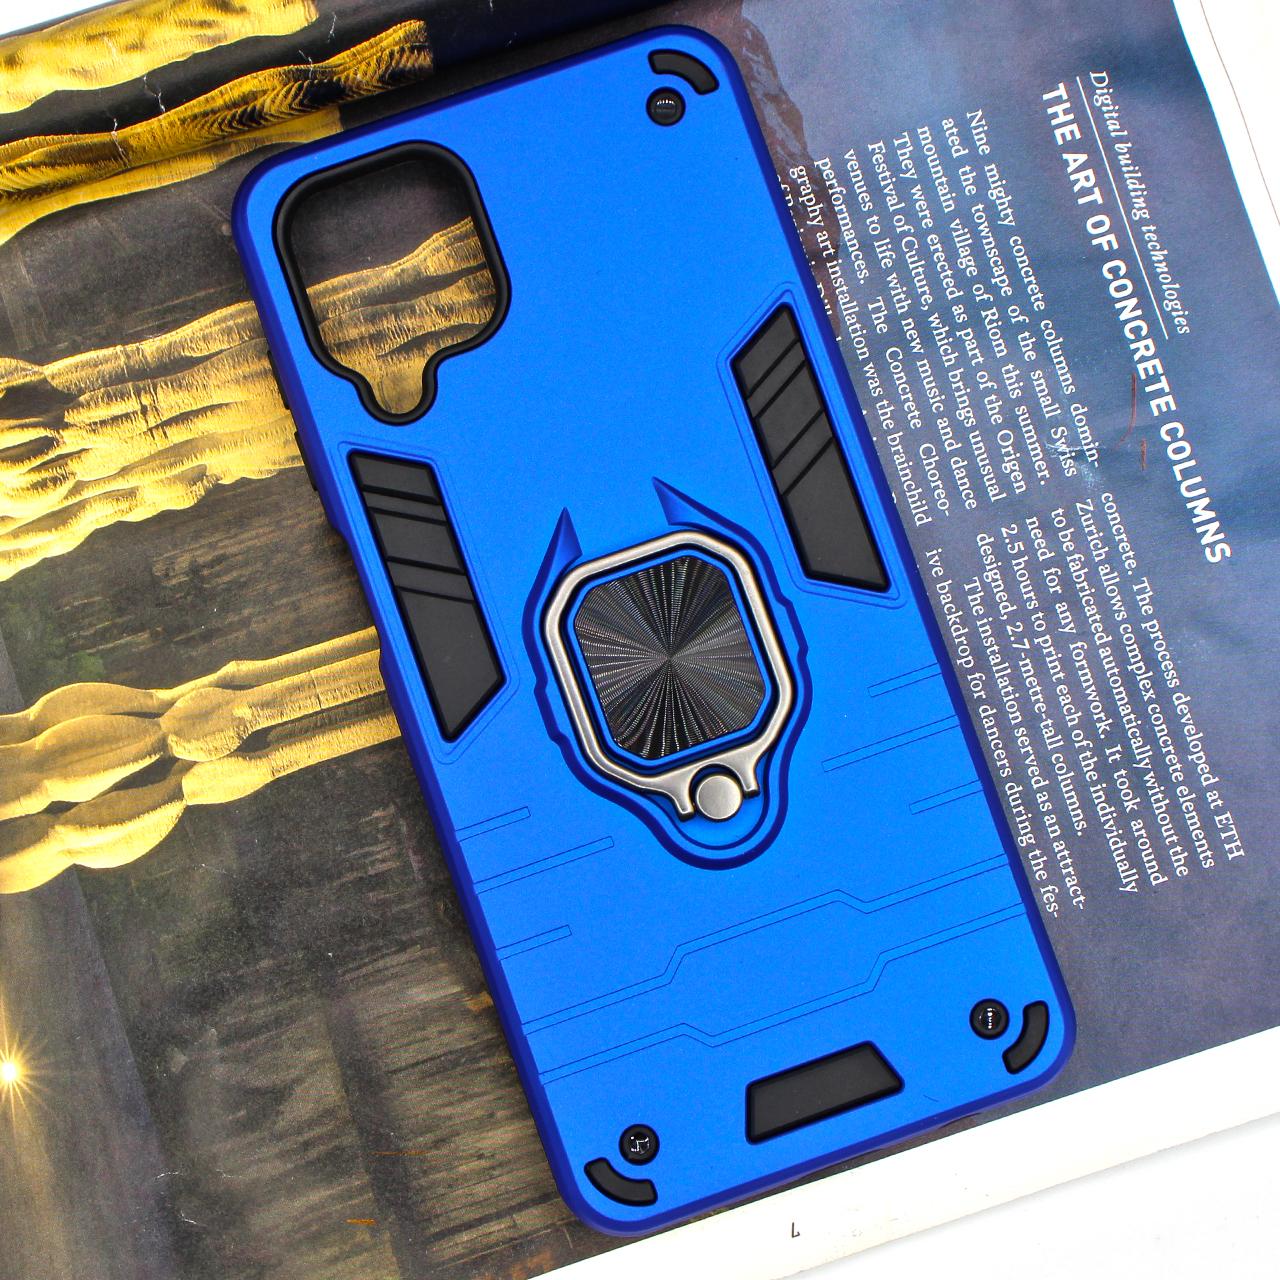 کاور کینگ پاور مدل ASH22 مناسب برای گوشی موبایل سامسونگ Galaxy A12 main 1 15